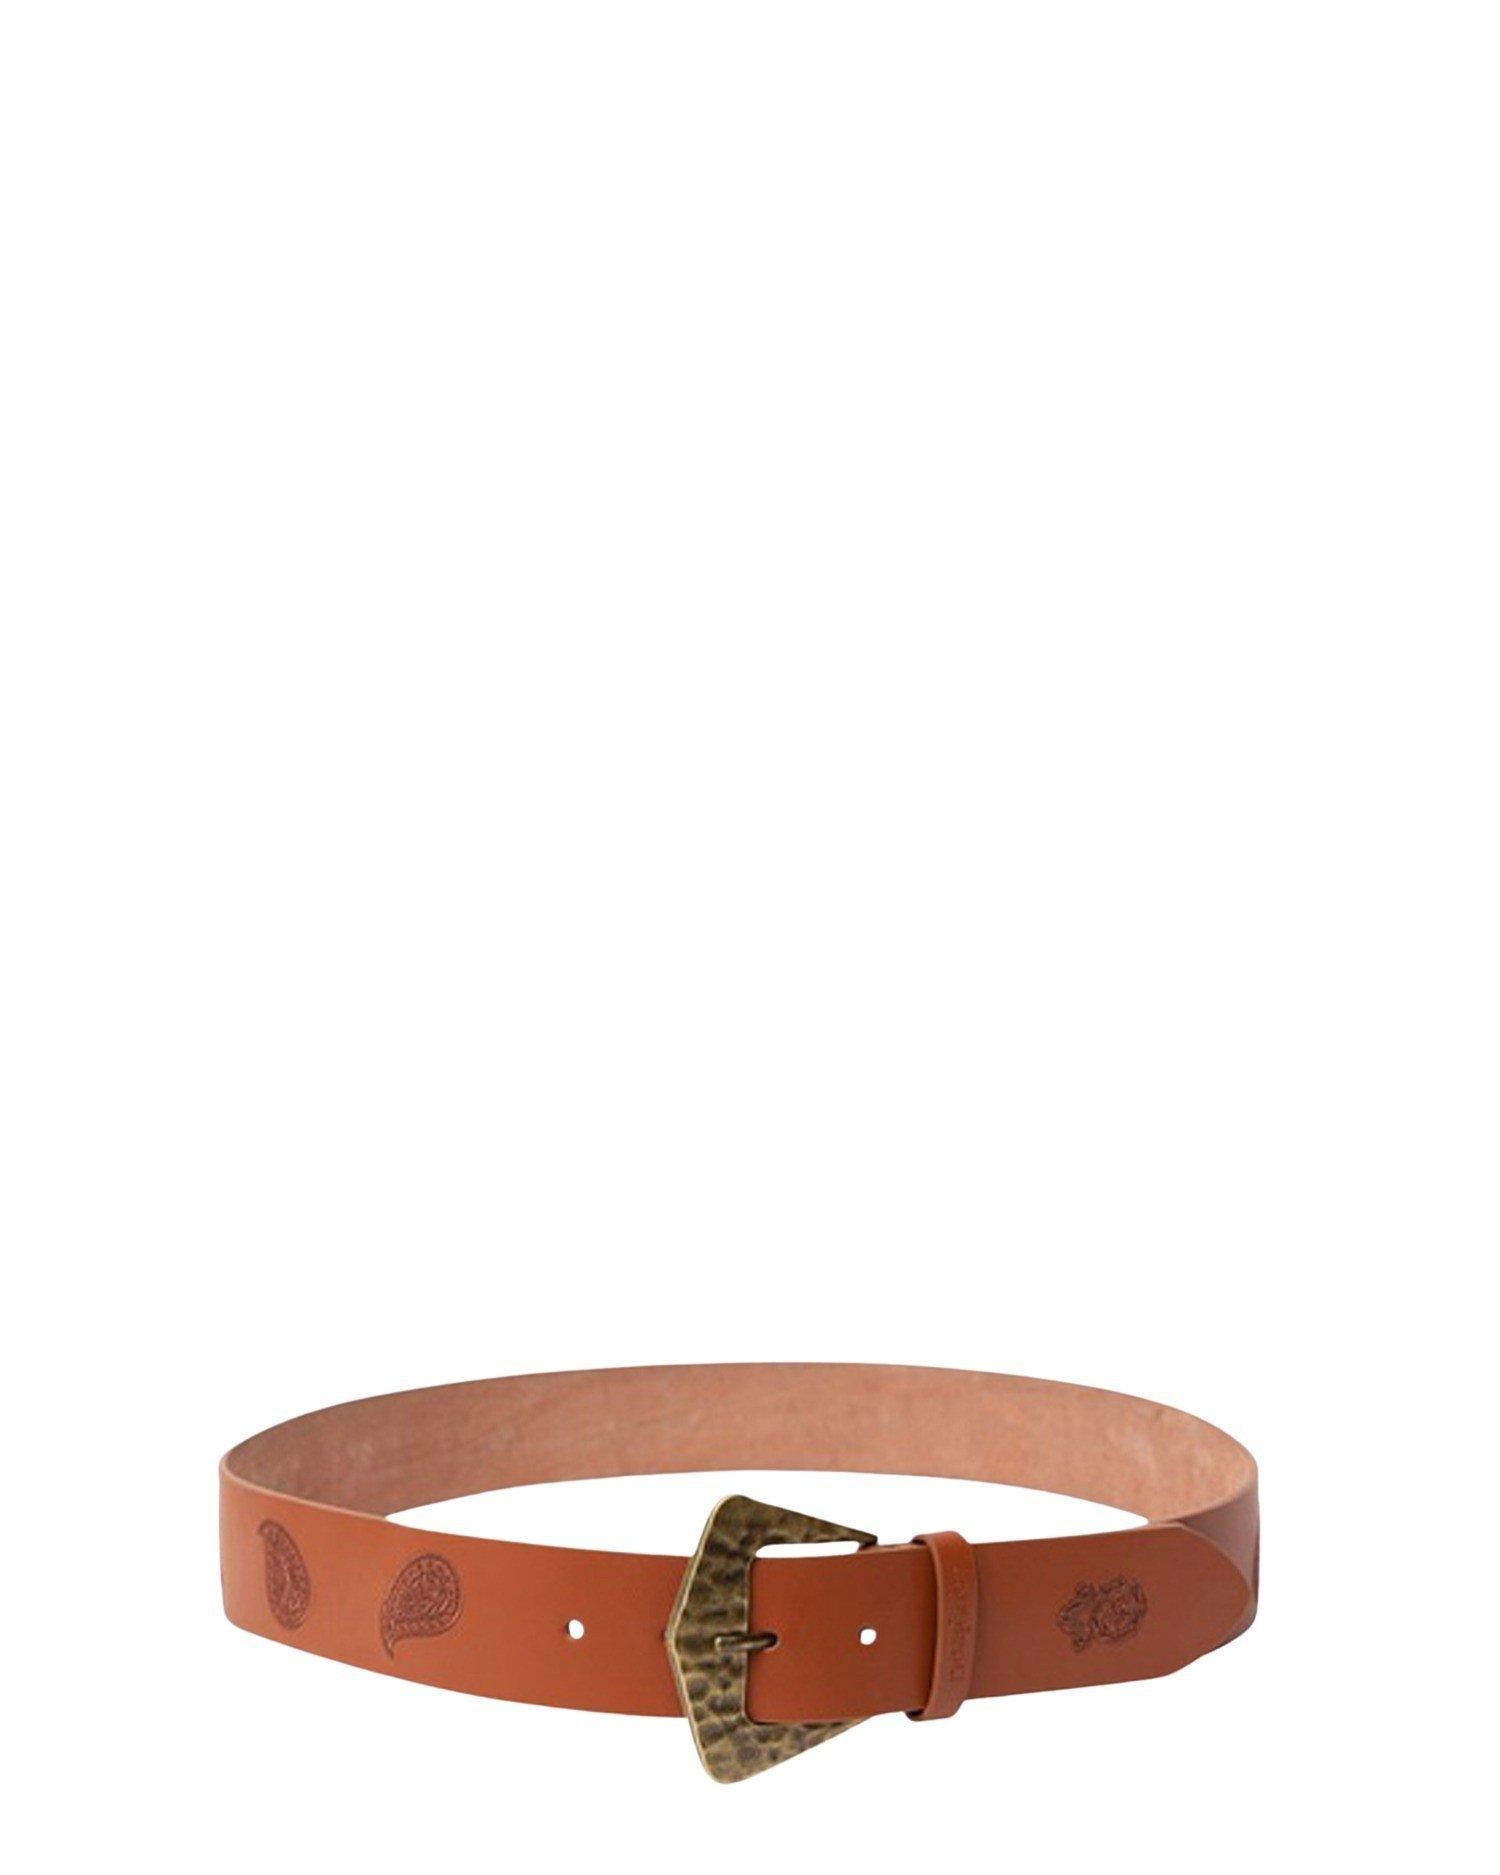 Desigual Women's Belt Various Colours 188439 - brown 90